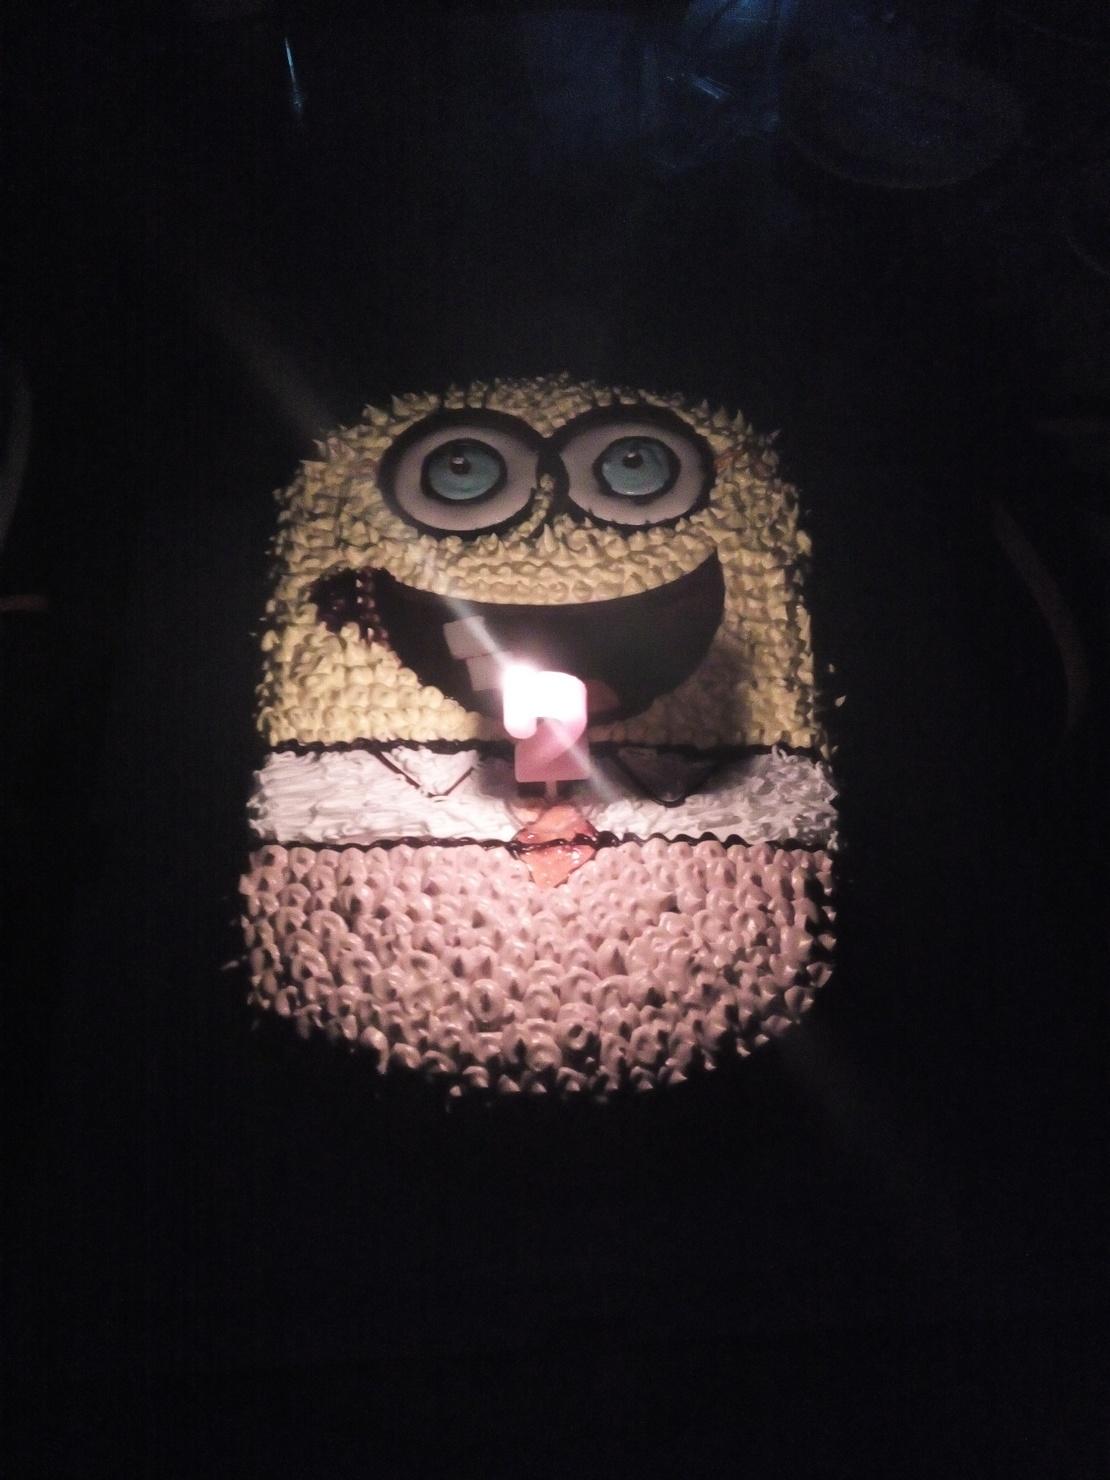 给一个女性朋友庆祝生日,买了个很可爱的海绵宝宝蛋糕。结果关灯吹蜡烛时,把全场人吓尿了……